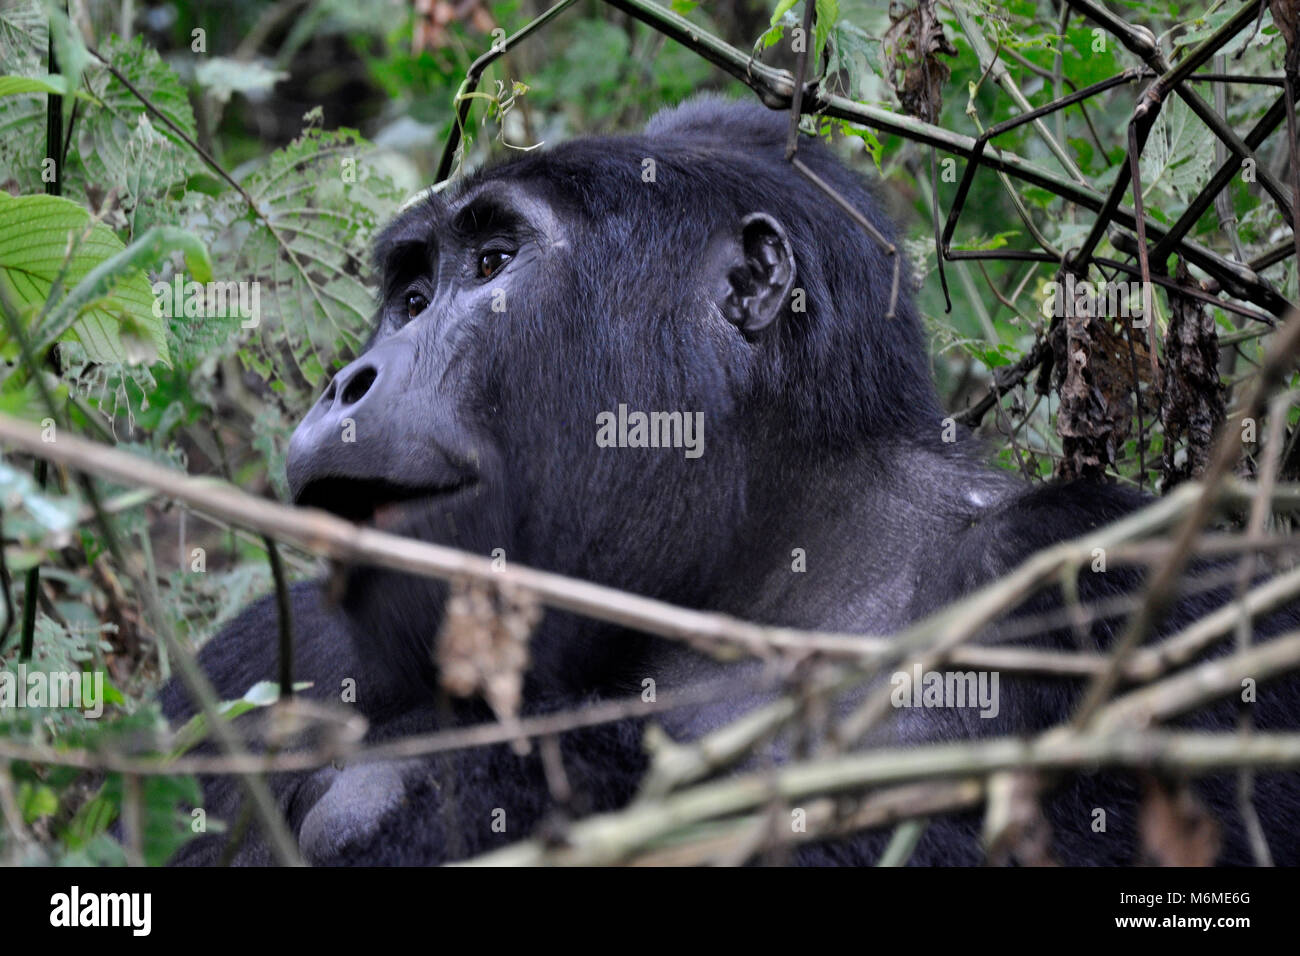 Uganda, Bwindi impenetrable forest, Mountain Gorillas - Stock Image